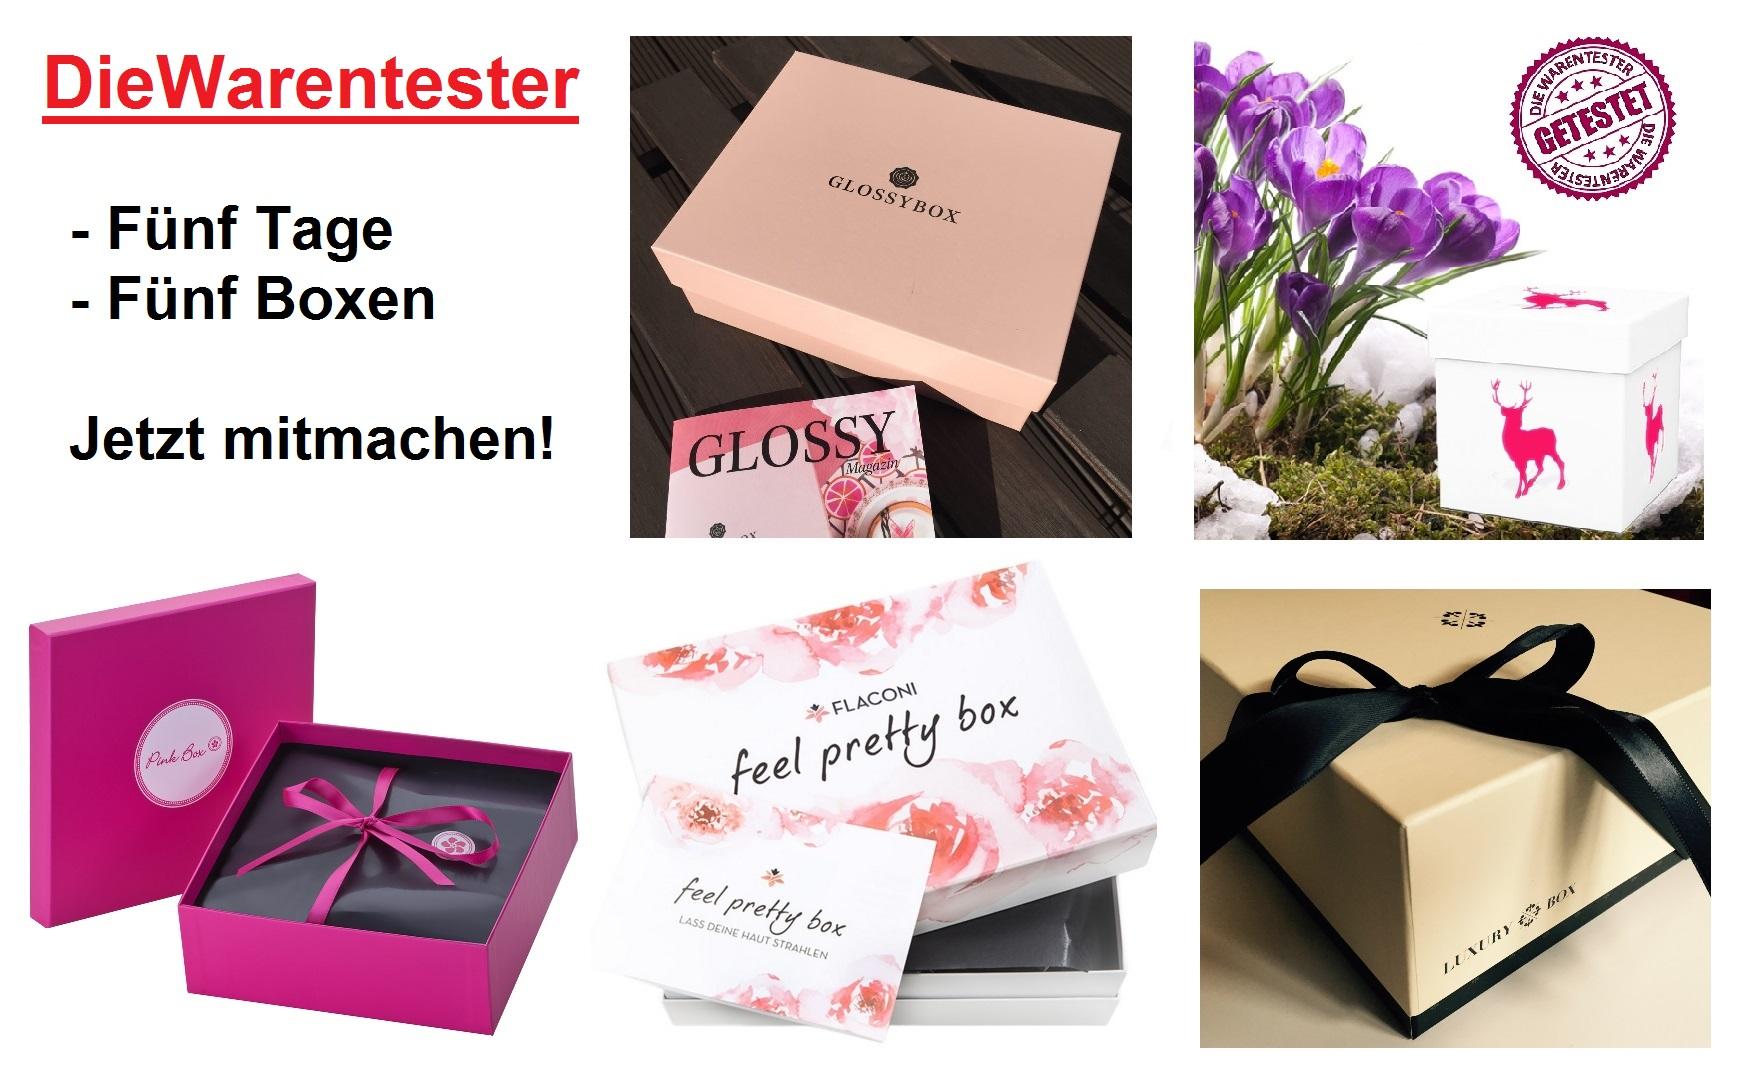 c163e657cfa1ab - Fünf Tage - Fünf Beauty Boxen Gewinnspiel - DieWarentester.de